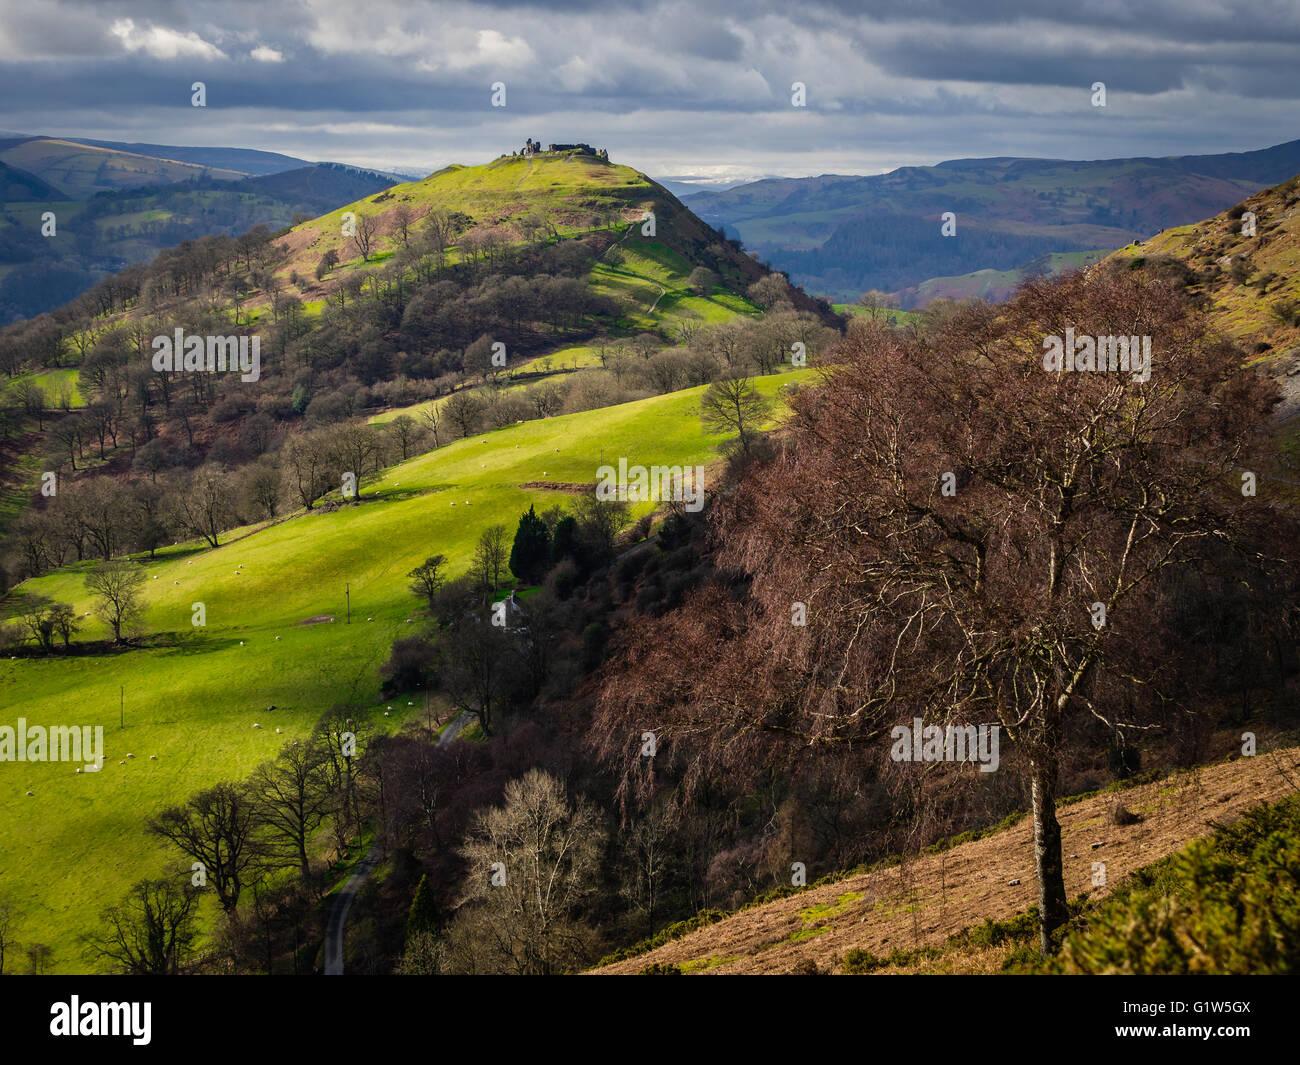 Castell Dinas Bran, Llangollen, Wales, UK Stock Photo